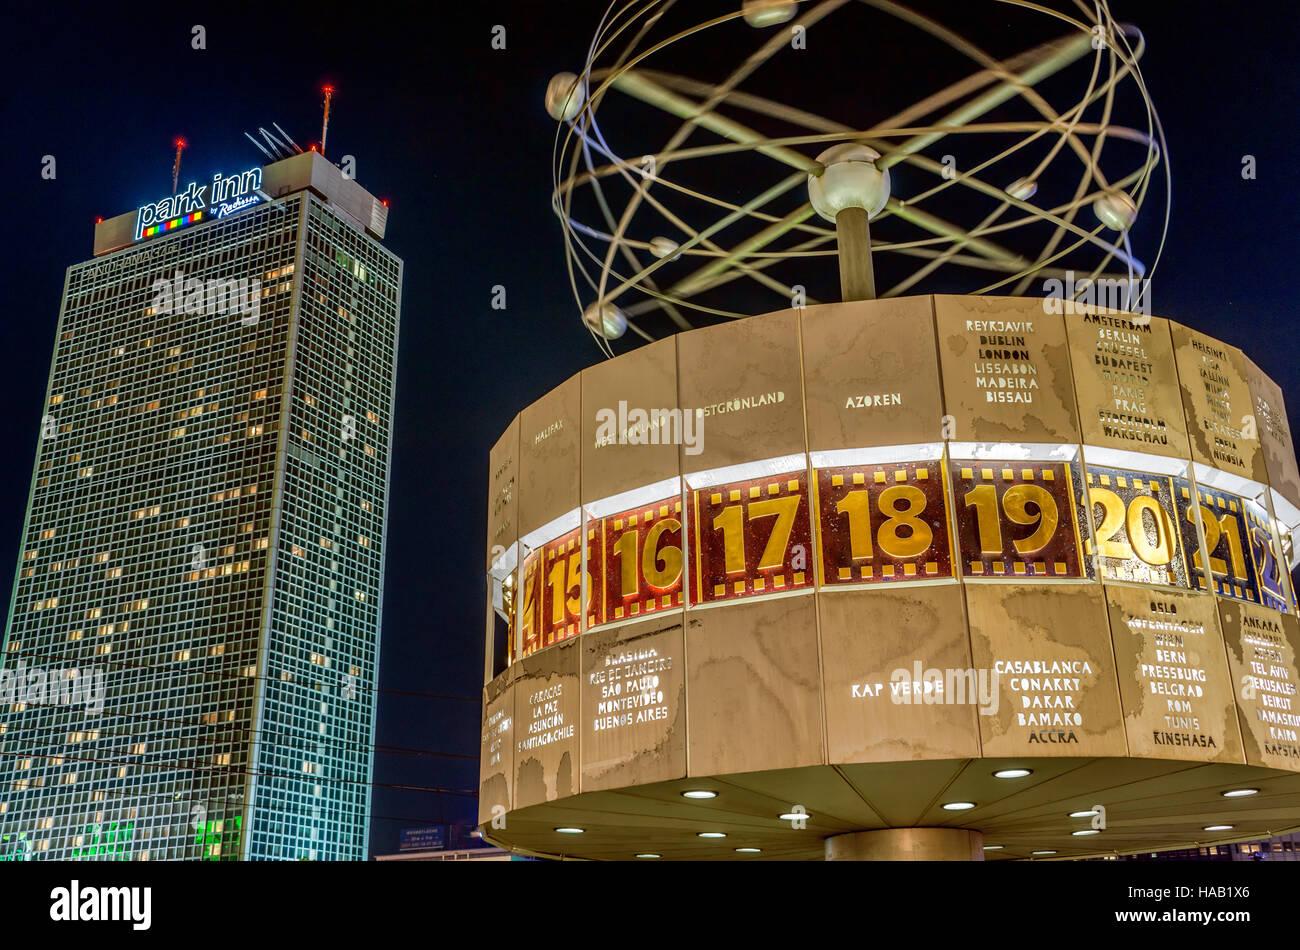 Urania-Weltzeituhr auf dem Alexanderplatz bei Nacht, Berlin, Deutschland | Urania-Weltzeituhr at Alexander Place - Stock Image